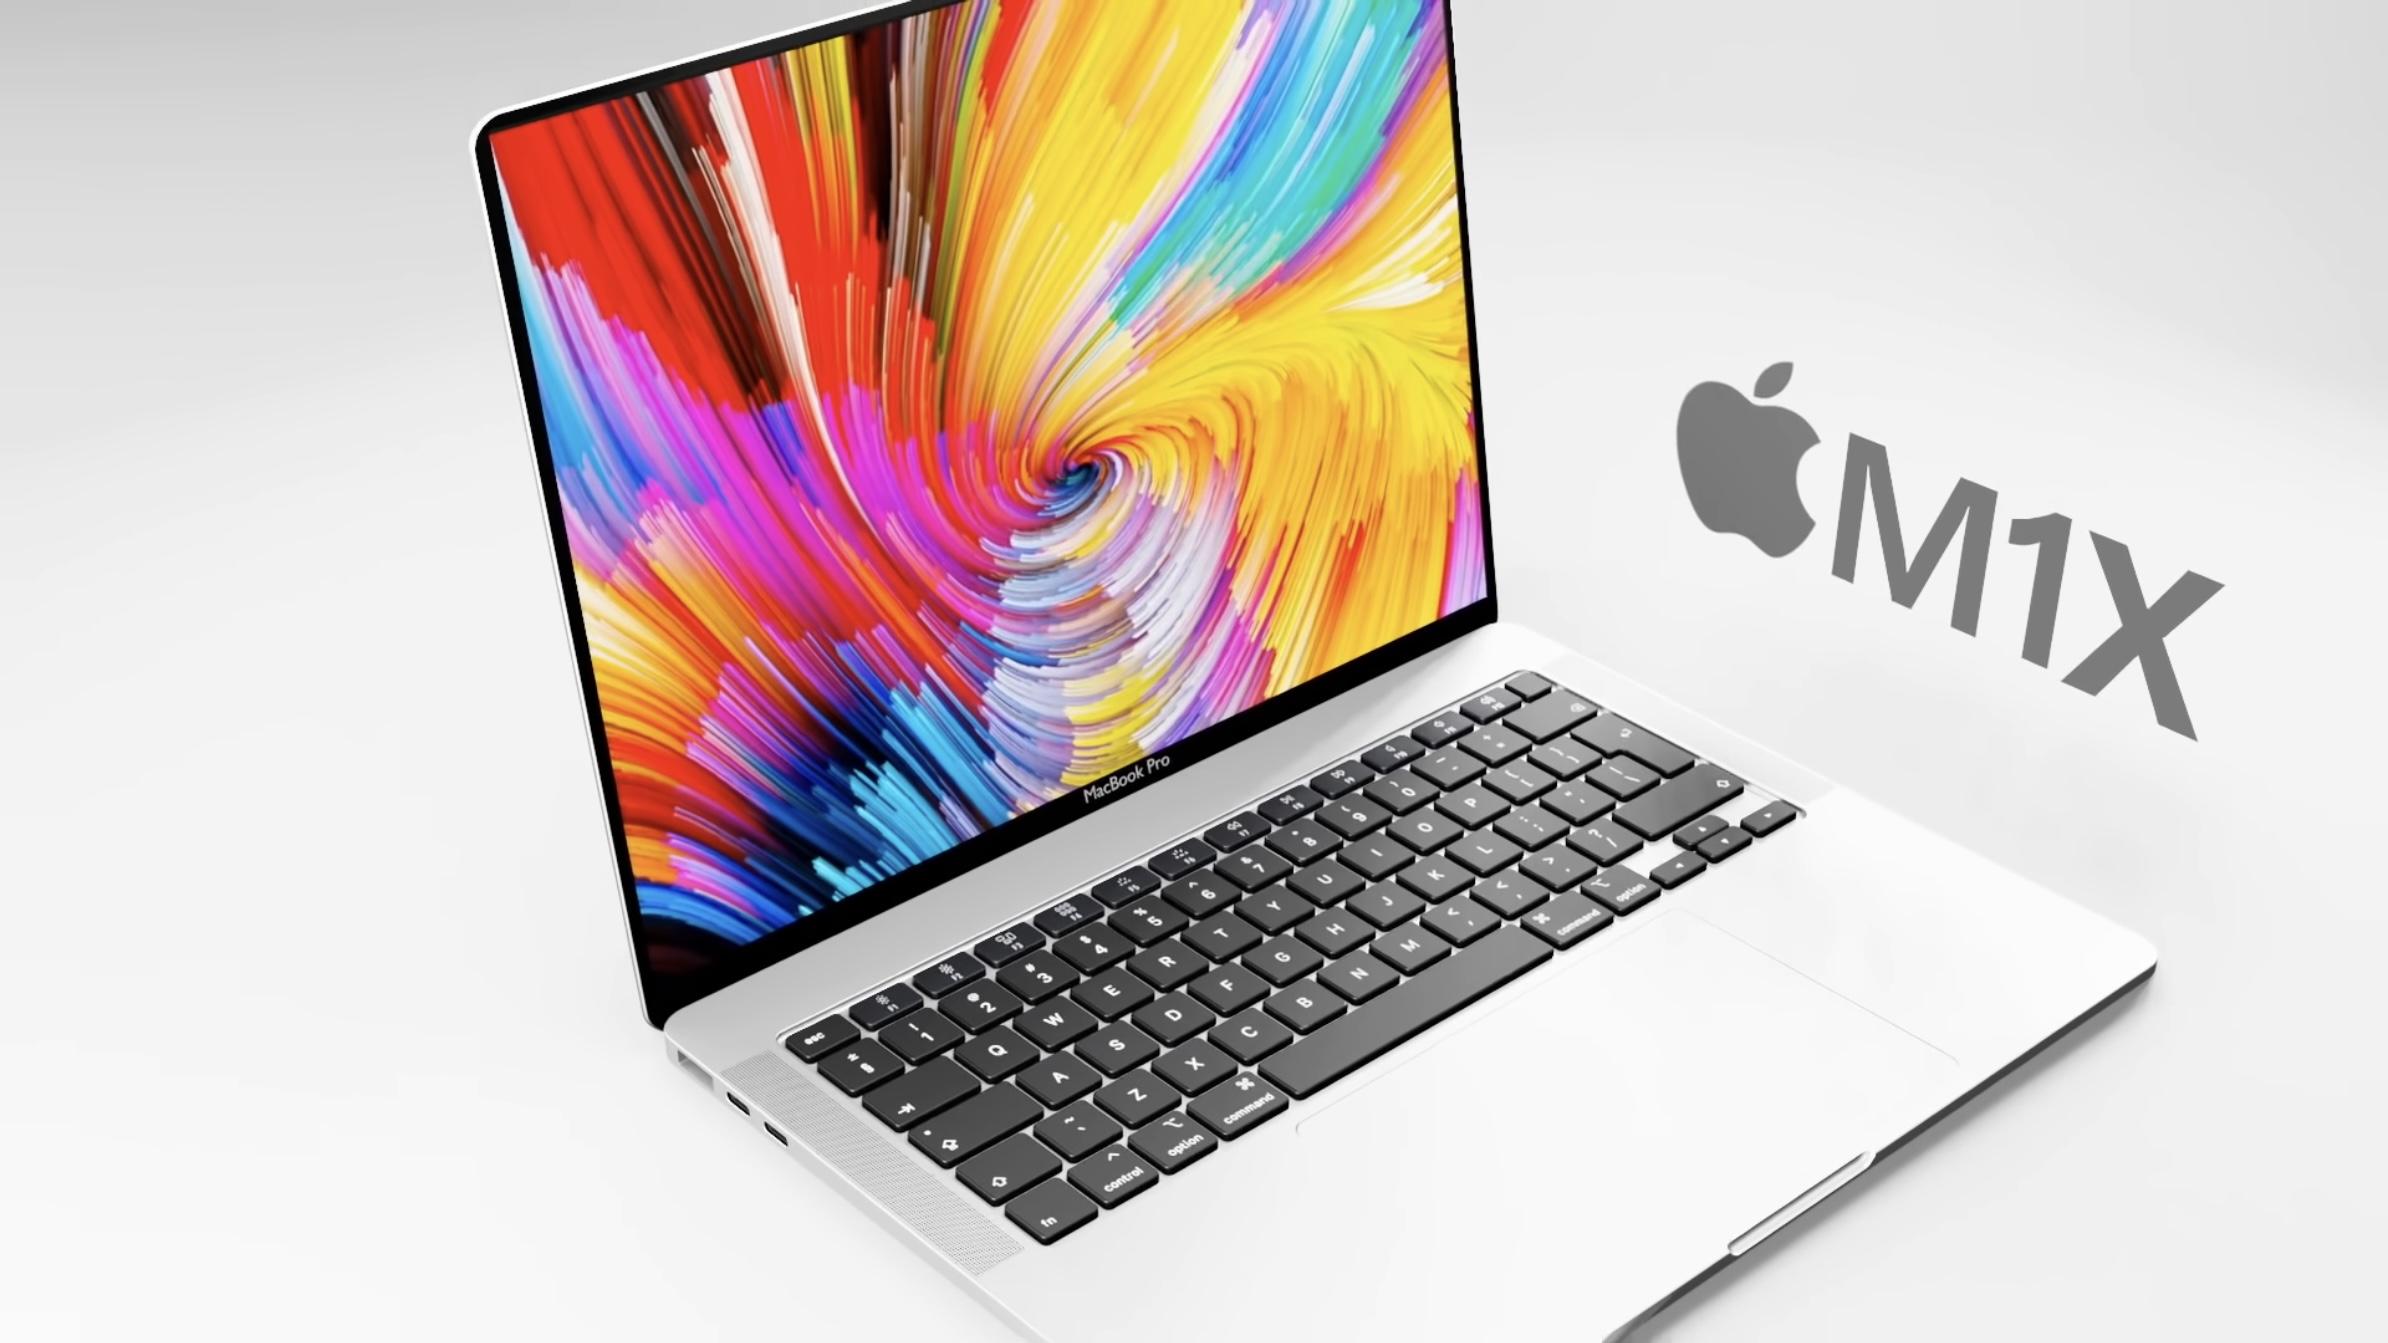 【2021年】新型MacBook Proのスペック・特徴まとめ!新モデルは買いなのか?